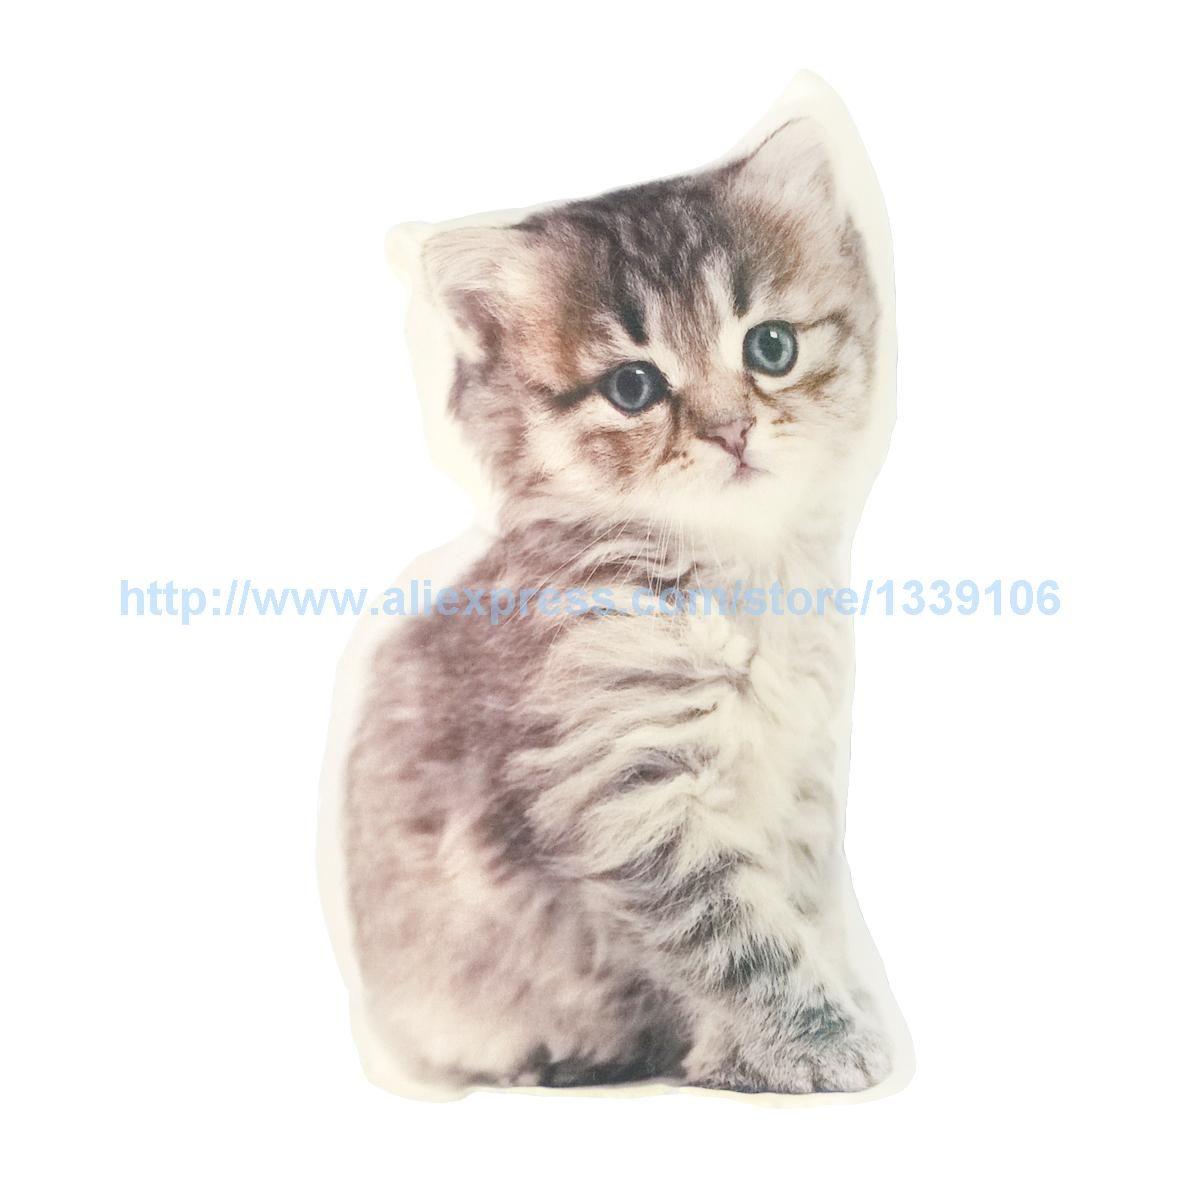 39x23 cm Belle kitty Chat Coussin Pet Pour Cadeau Personnalisé Canapé Chaise Coussin Décor À La Maison Coussin Décoratif oreillers Idealkea